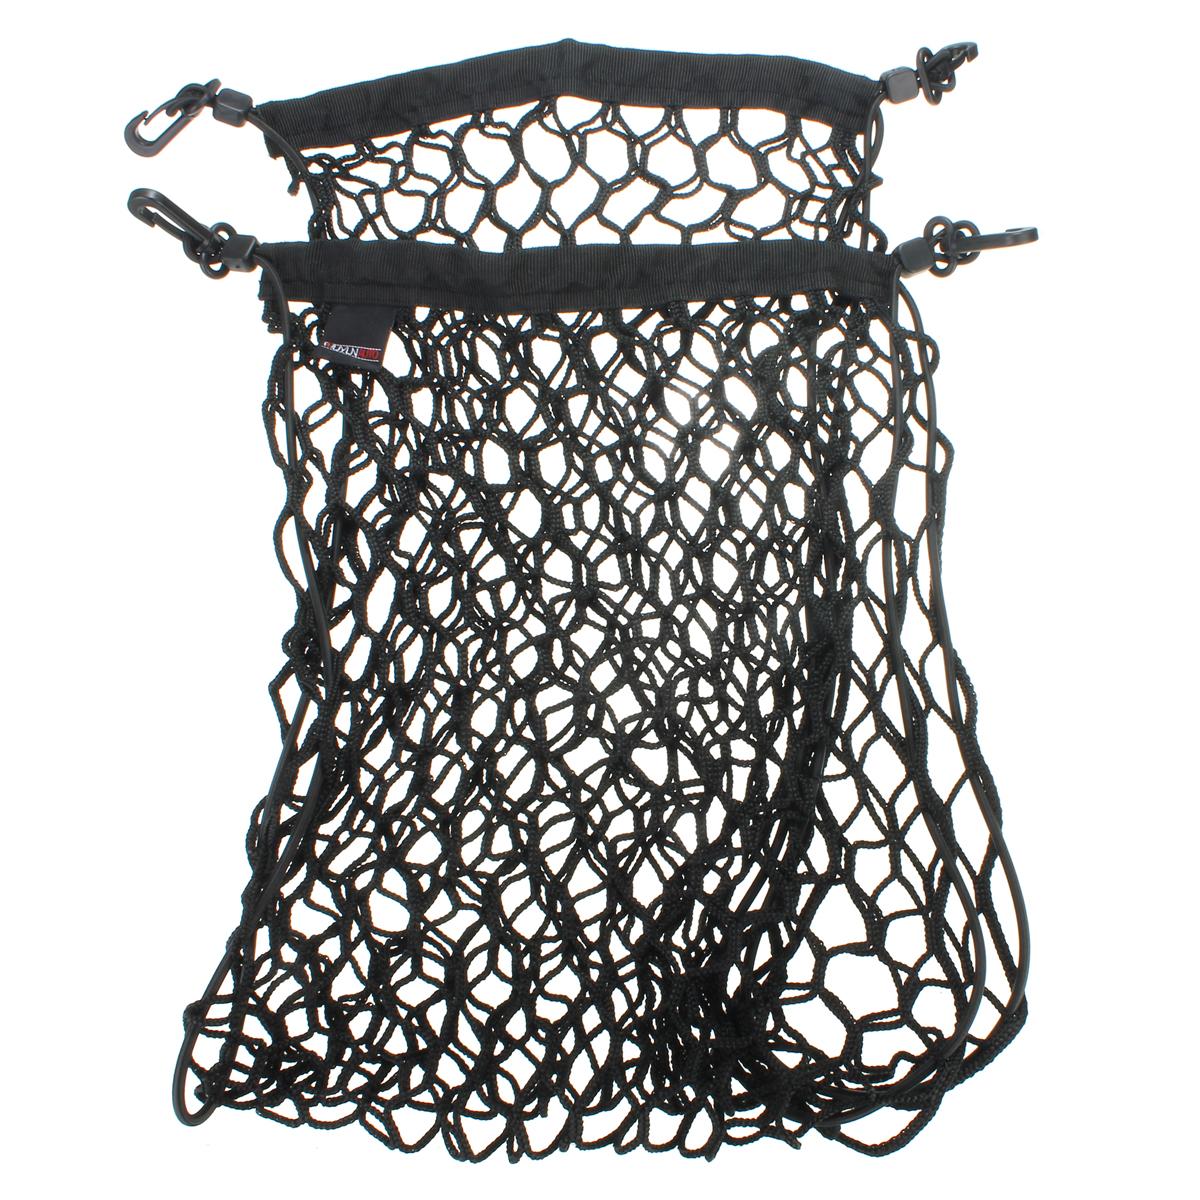 90x30cm Siyah Nylon Araba Bagaj Arka Kargo Düzenleyici Depolama Elastik Mesh Net